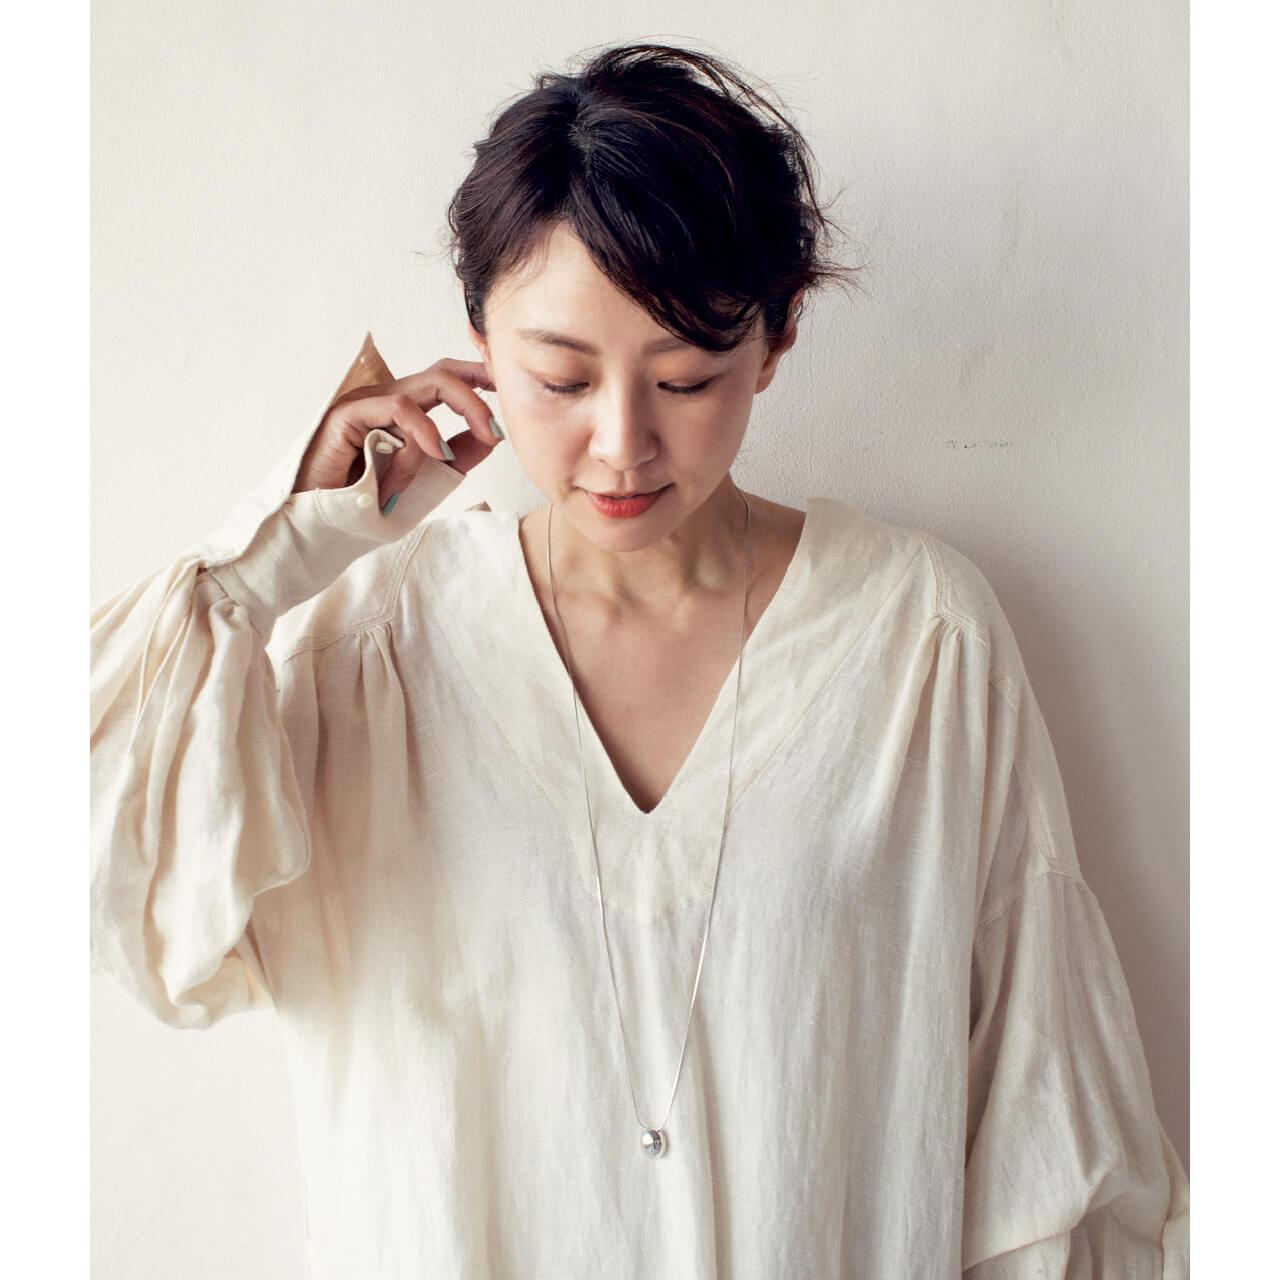 ワンピース/五明さん私物(カレンソロジー) モデル/五明祐子さん